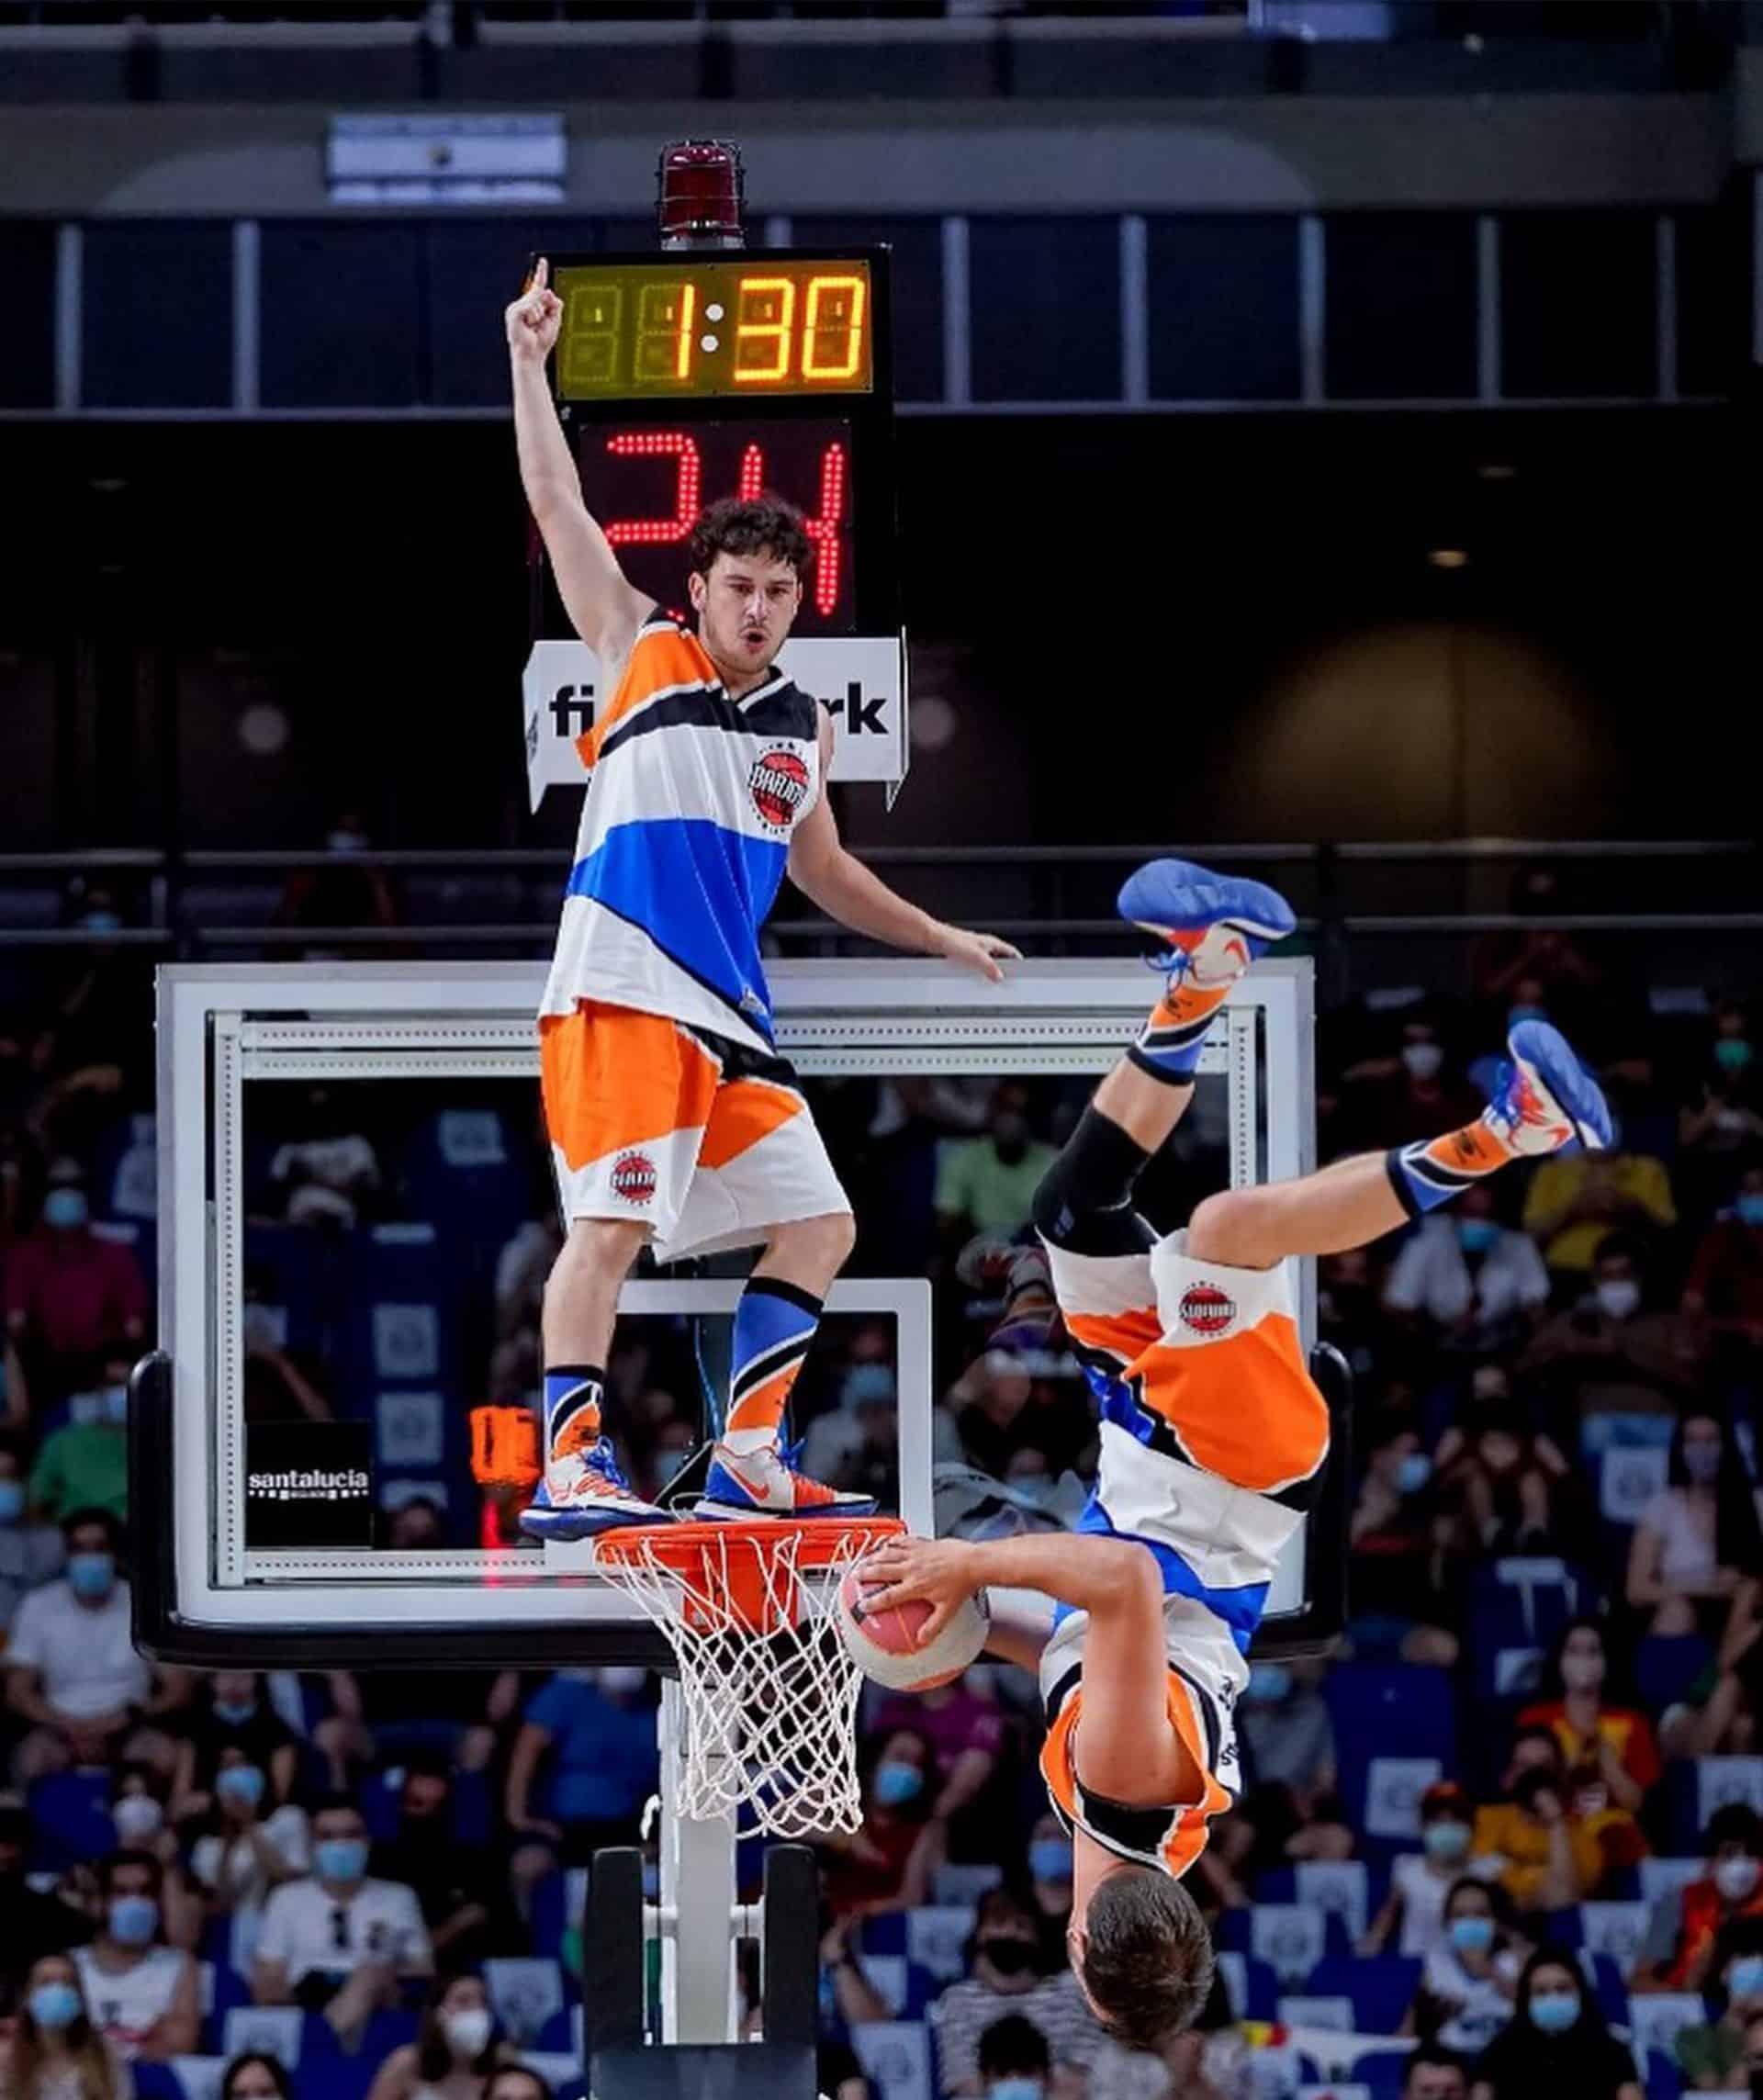 basket-ball show dunk 2022